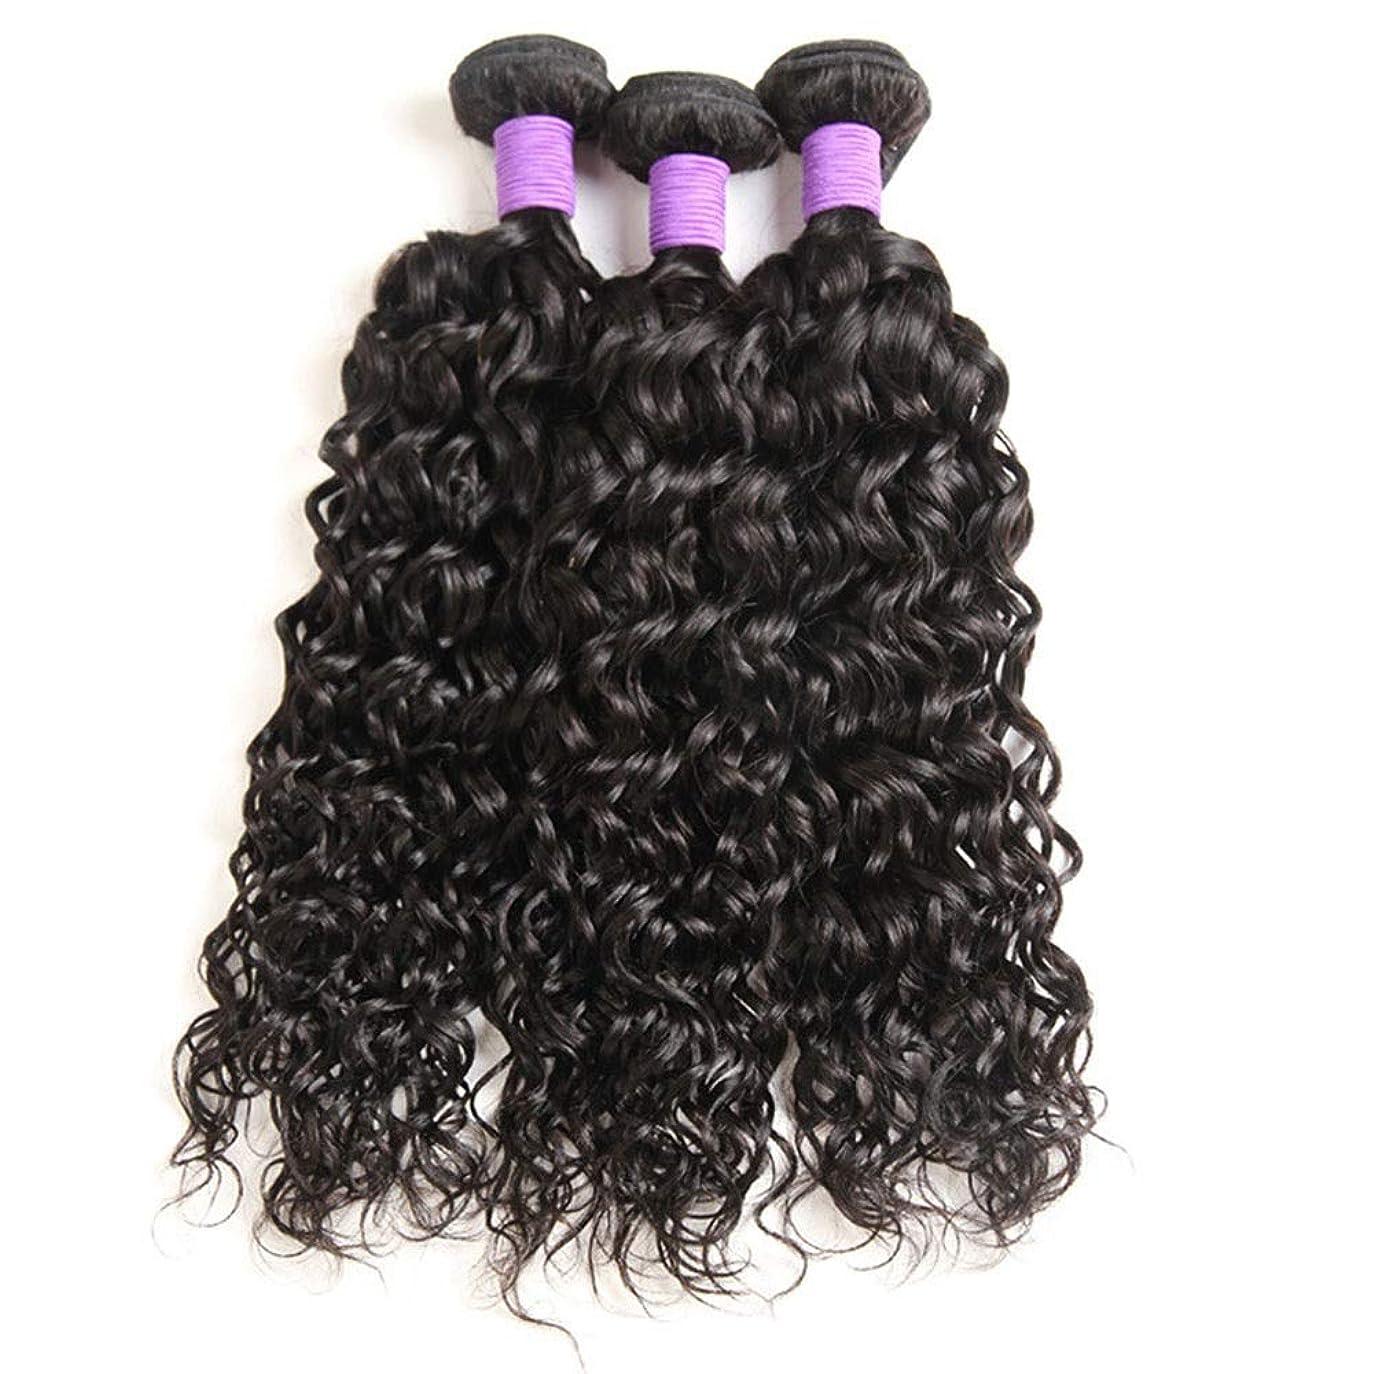 幾分メナジェリー年齢Yrattary ブラジルのウォーターヘアー織り1束、100%ブラジルのウォーターウェーブ人間の毛髪延長100 g /バンドル1つの女性の合成かつらレースのかつらロールプレイングウィッグのナチュラルカラーパック (色 : 黒, サイズ : 18 inch)